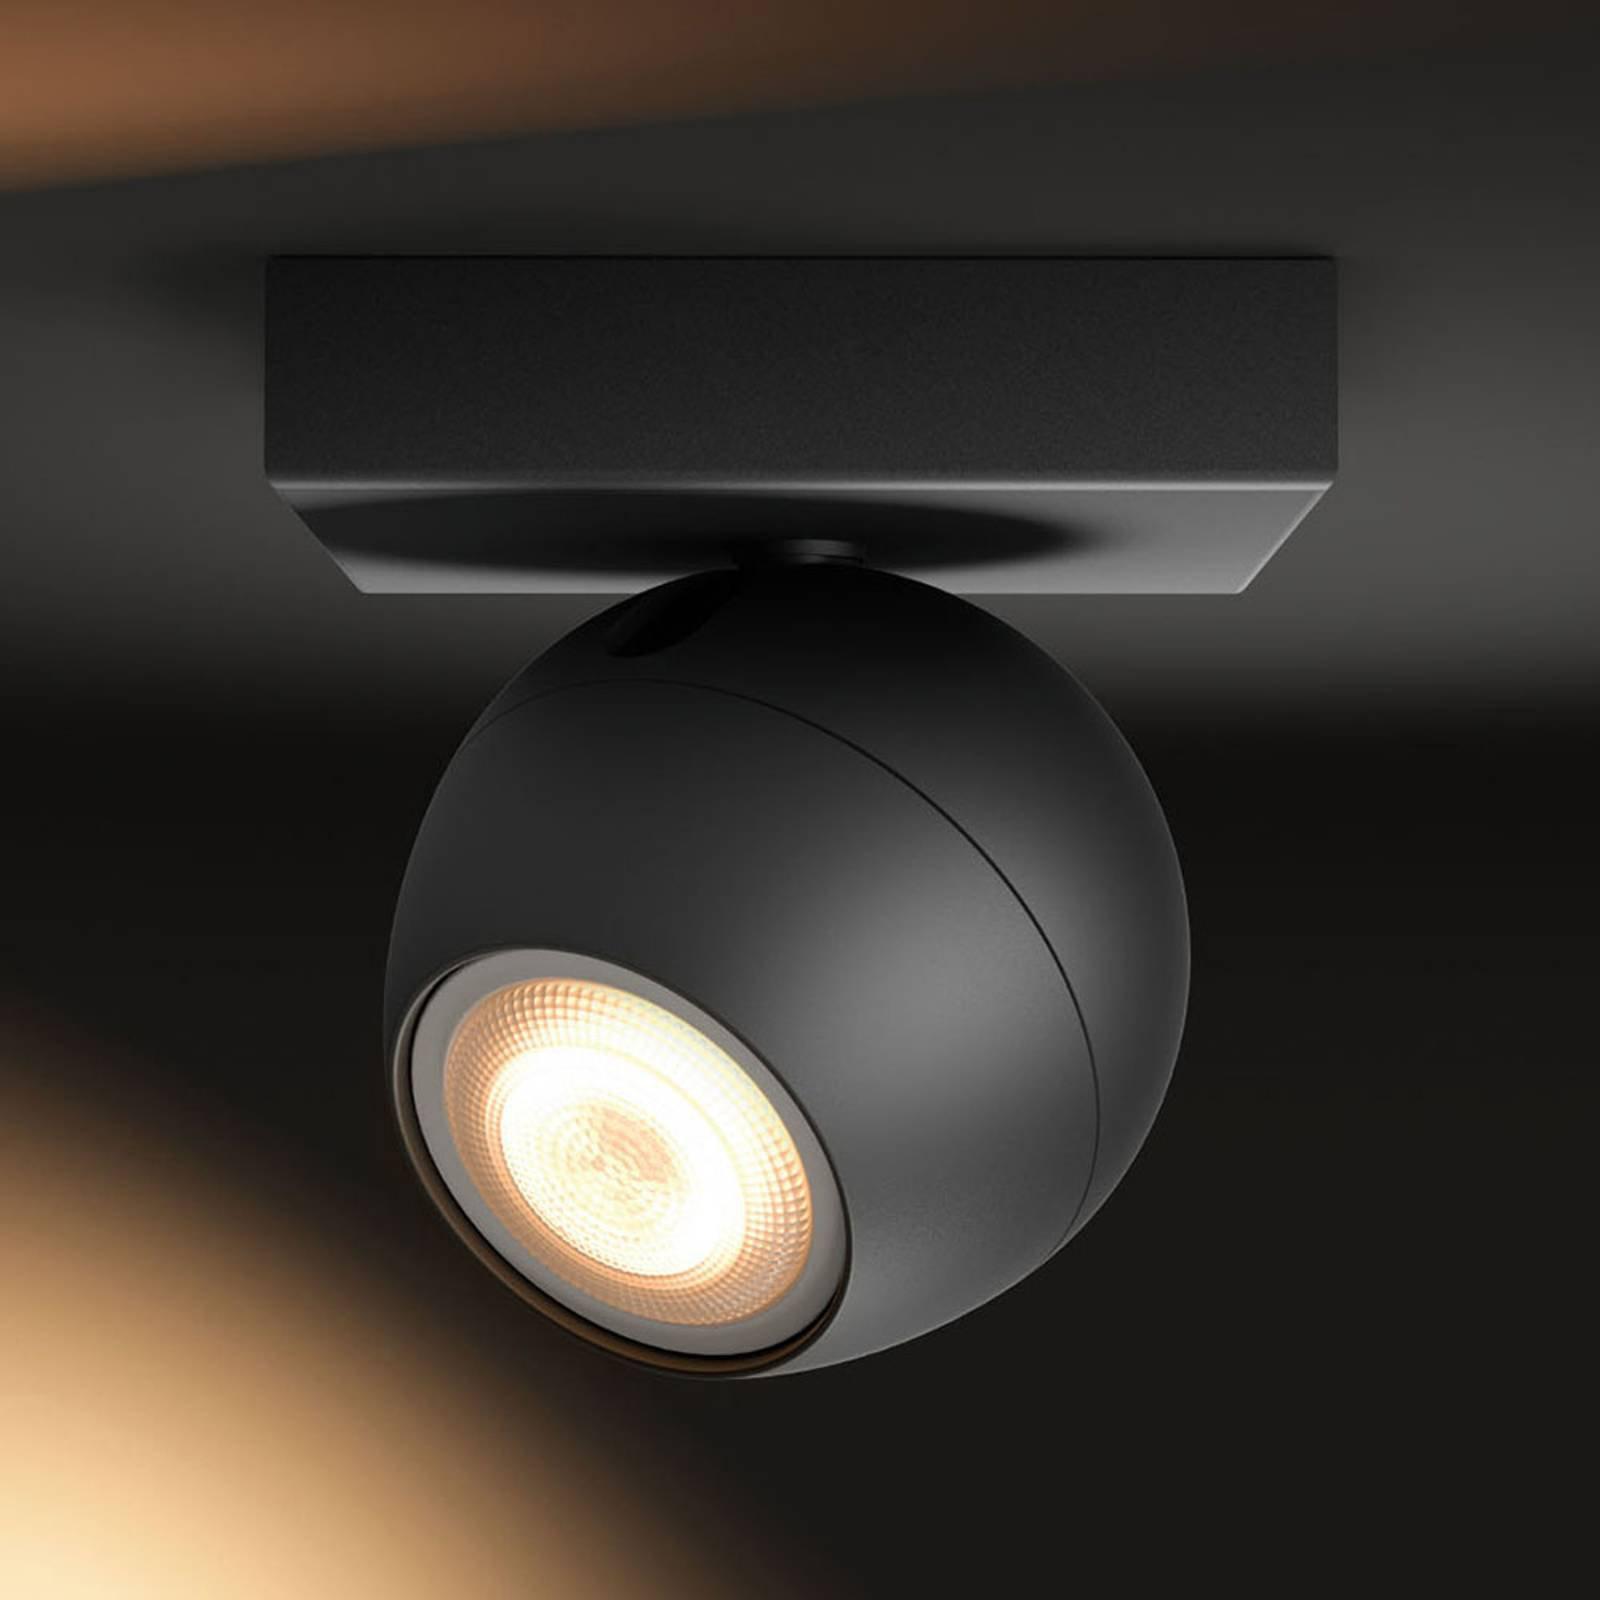 Philips Hue-Buckram LED-spot svart dimmebryter